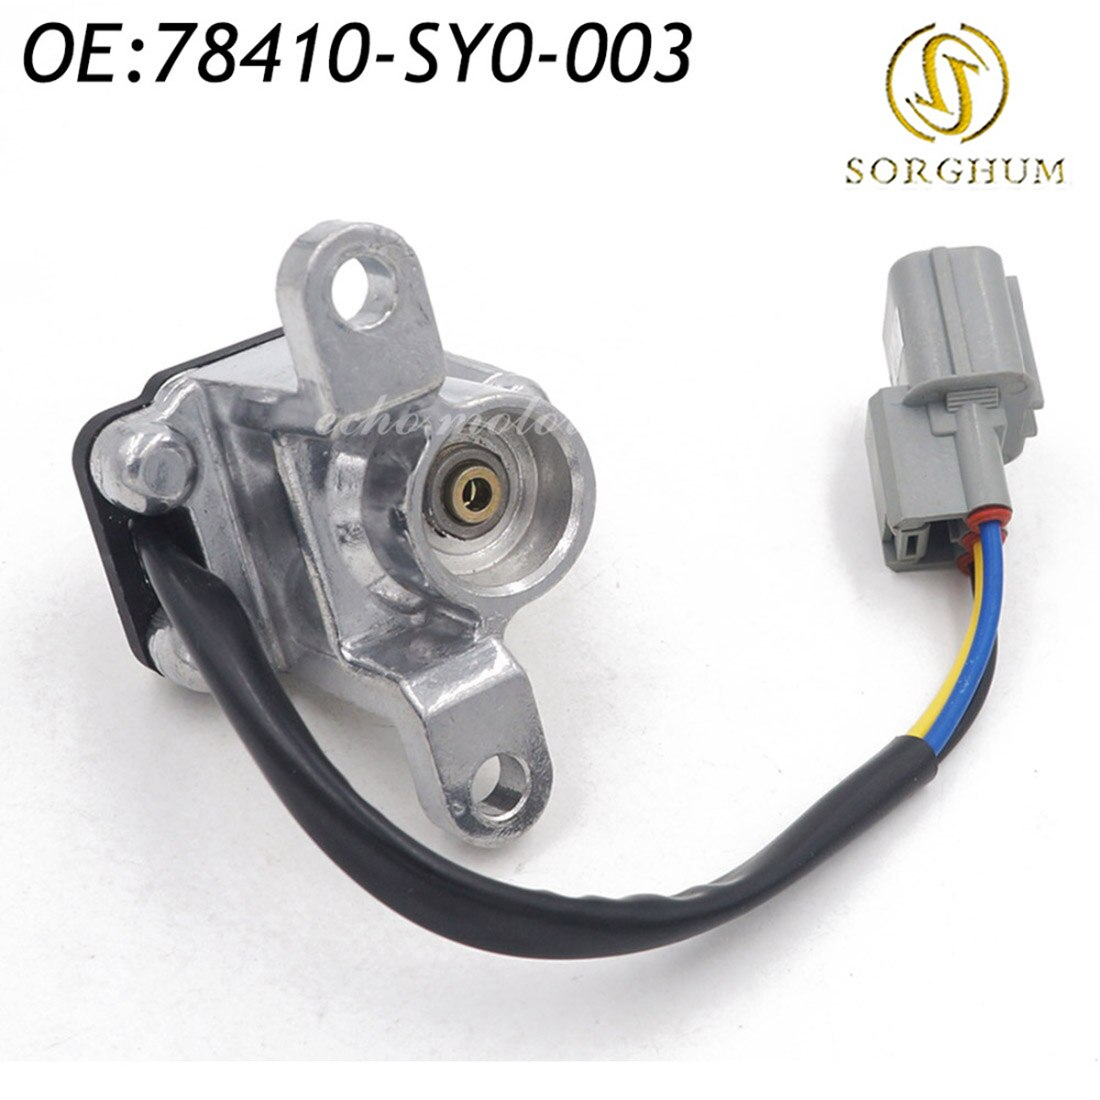 Nuevo 78410-SY0-003 salida de transmisión/Sensor de velocidad del vehículo apto para Honda Accord 90-91 preludio 93-92 78410SM4003, 78410SR7003